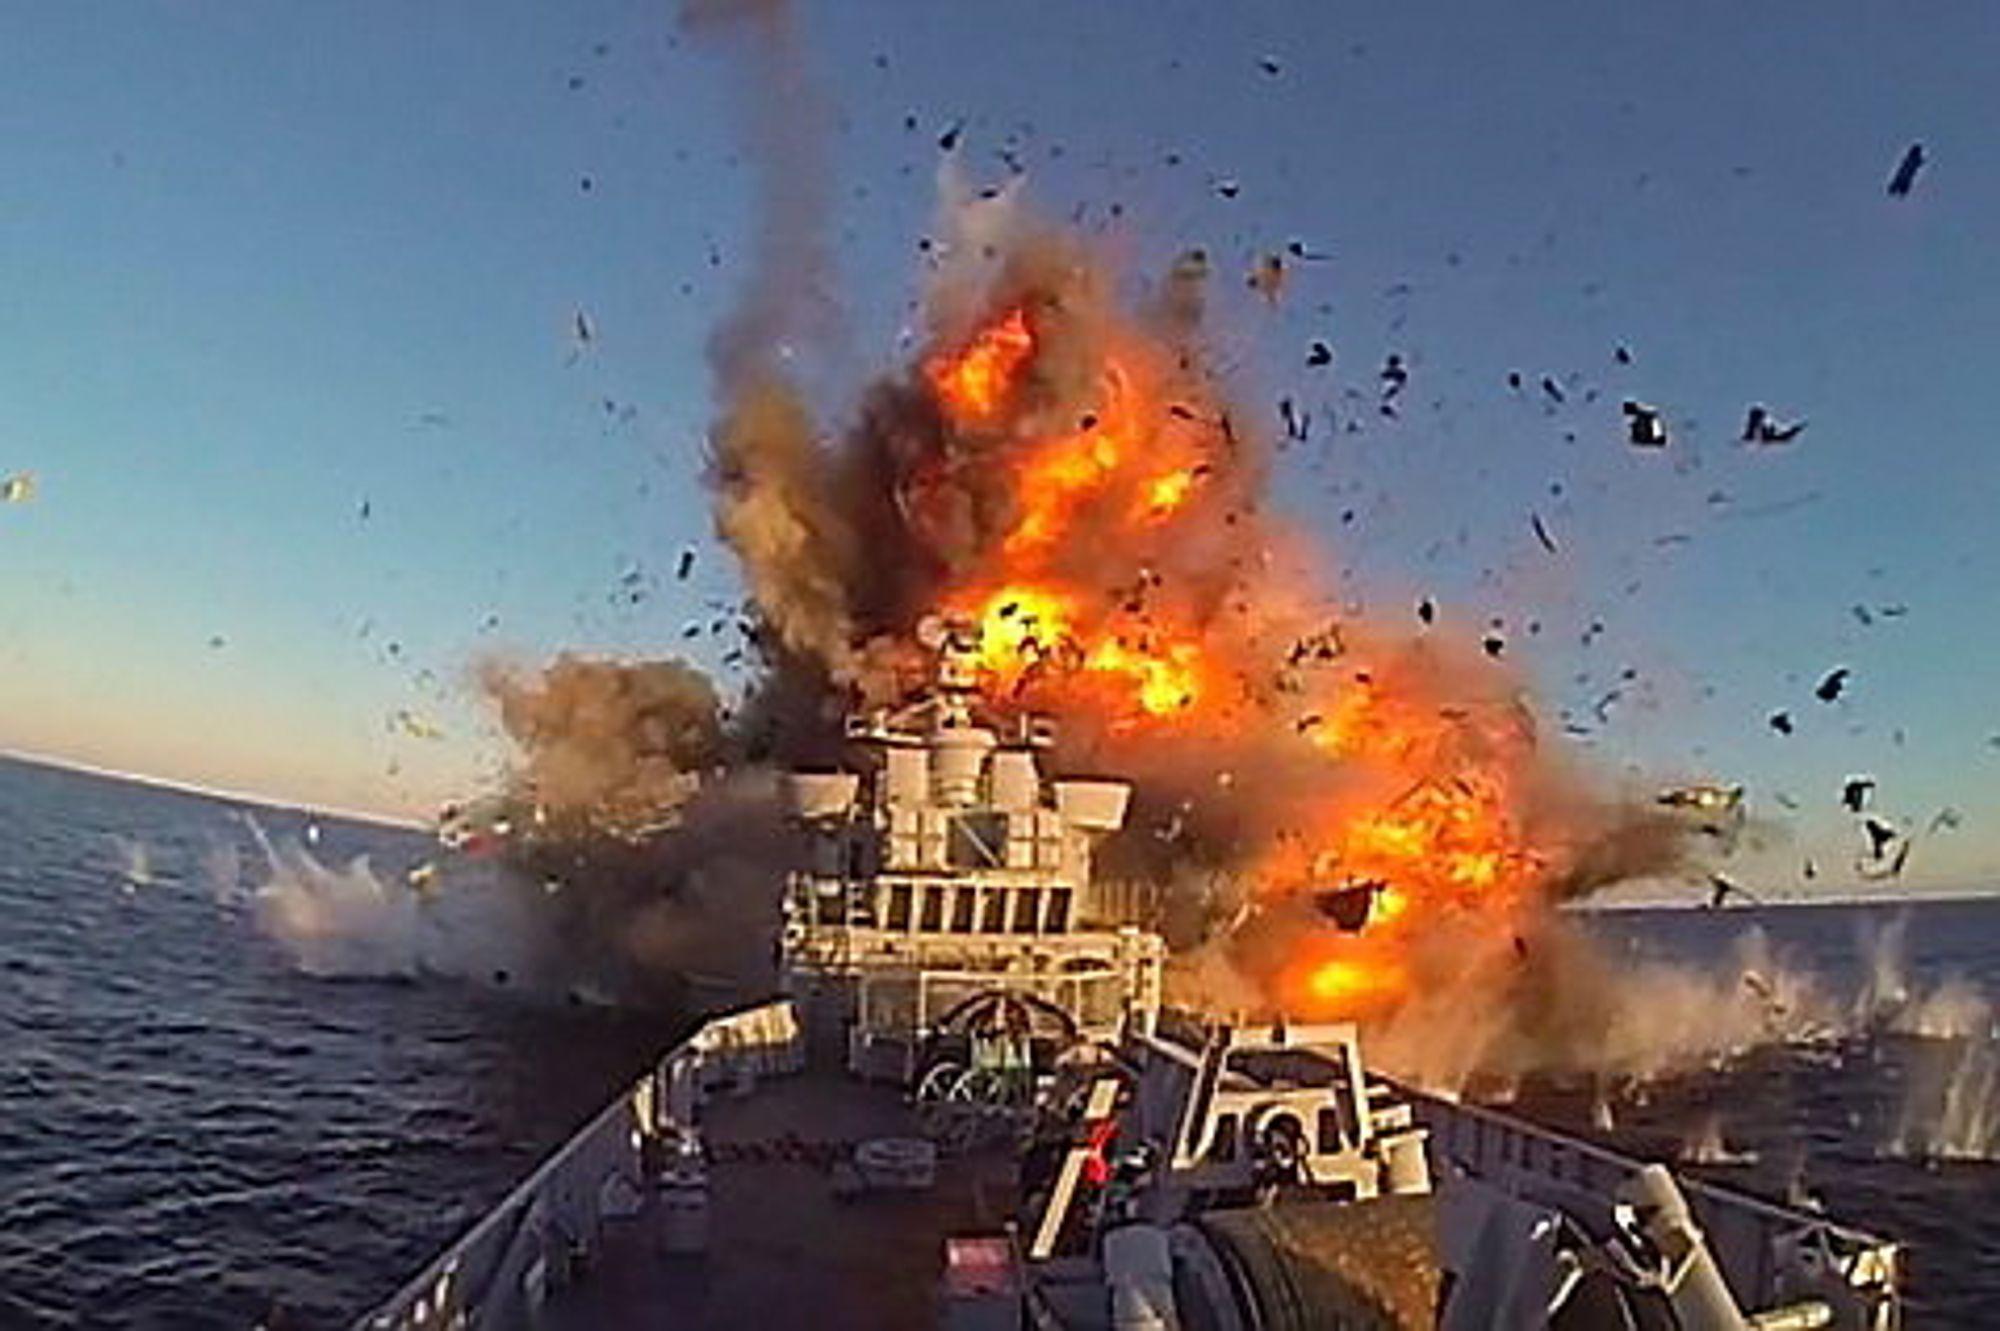 Forsvaret avfyrte for første gang norsk sjømålsmissil med skarpt stridshode i natt. Skadene på målfartøyet er som forventet, og ryddingen har gått etter planen, forteller Klynderud.